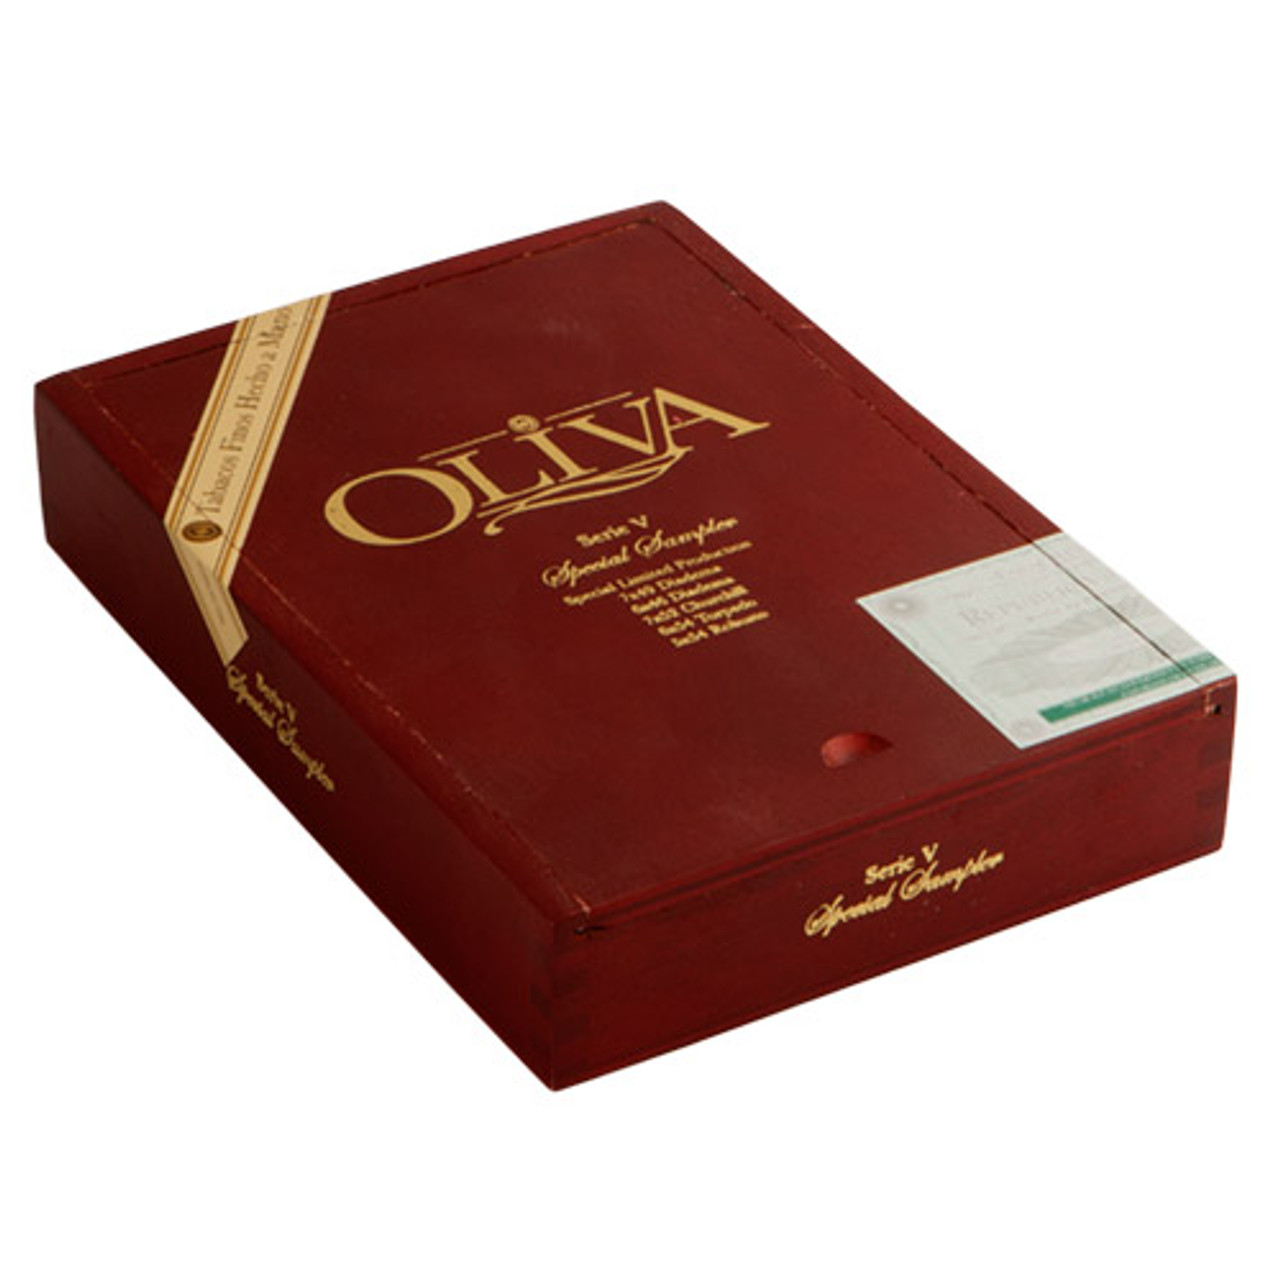 Cigar Samplers Oliva Serie V Sampler (Box of 5)